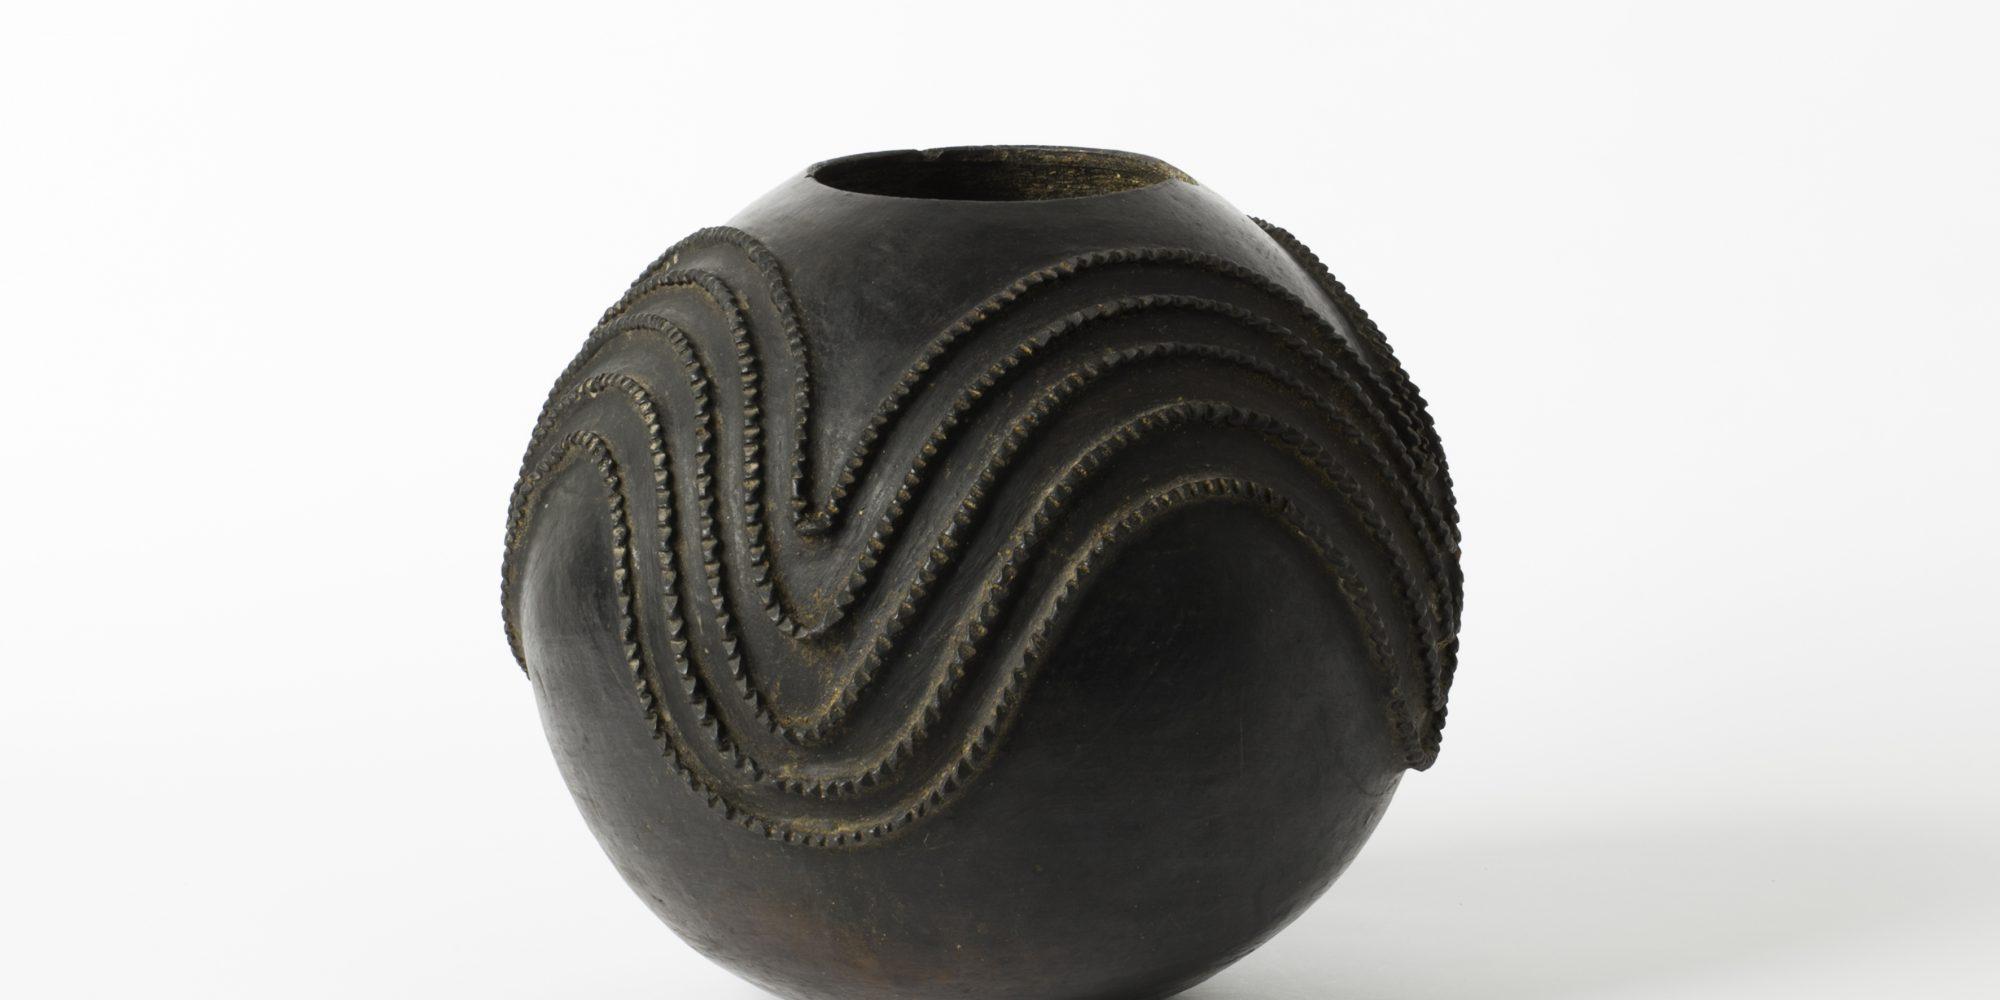 Azolina MaMncube Ngema, Biergefäß, 20. Jahrhundert, Südafrika / Zulu